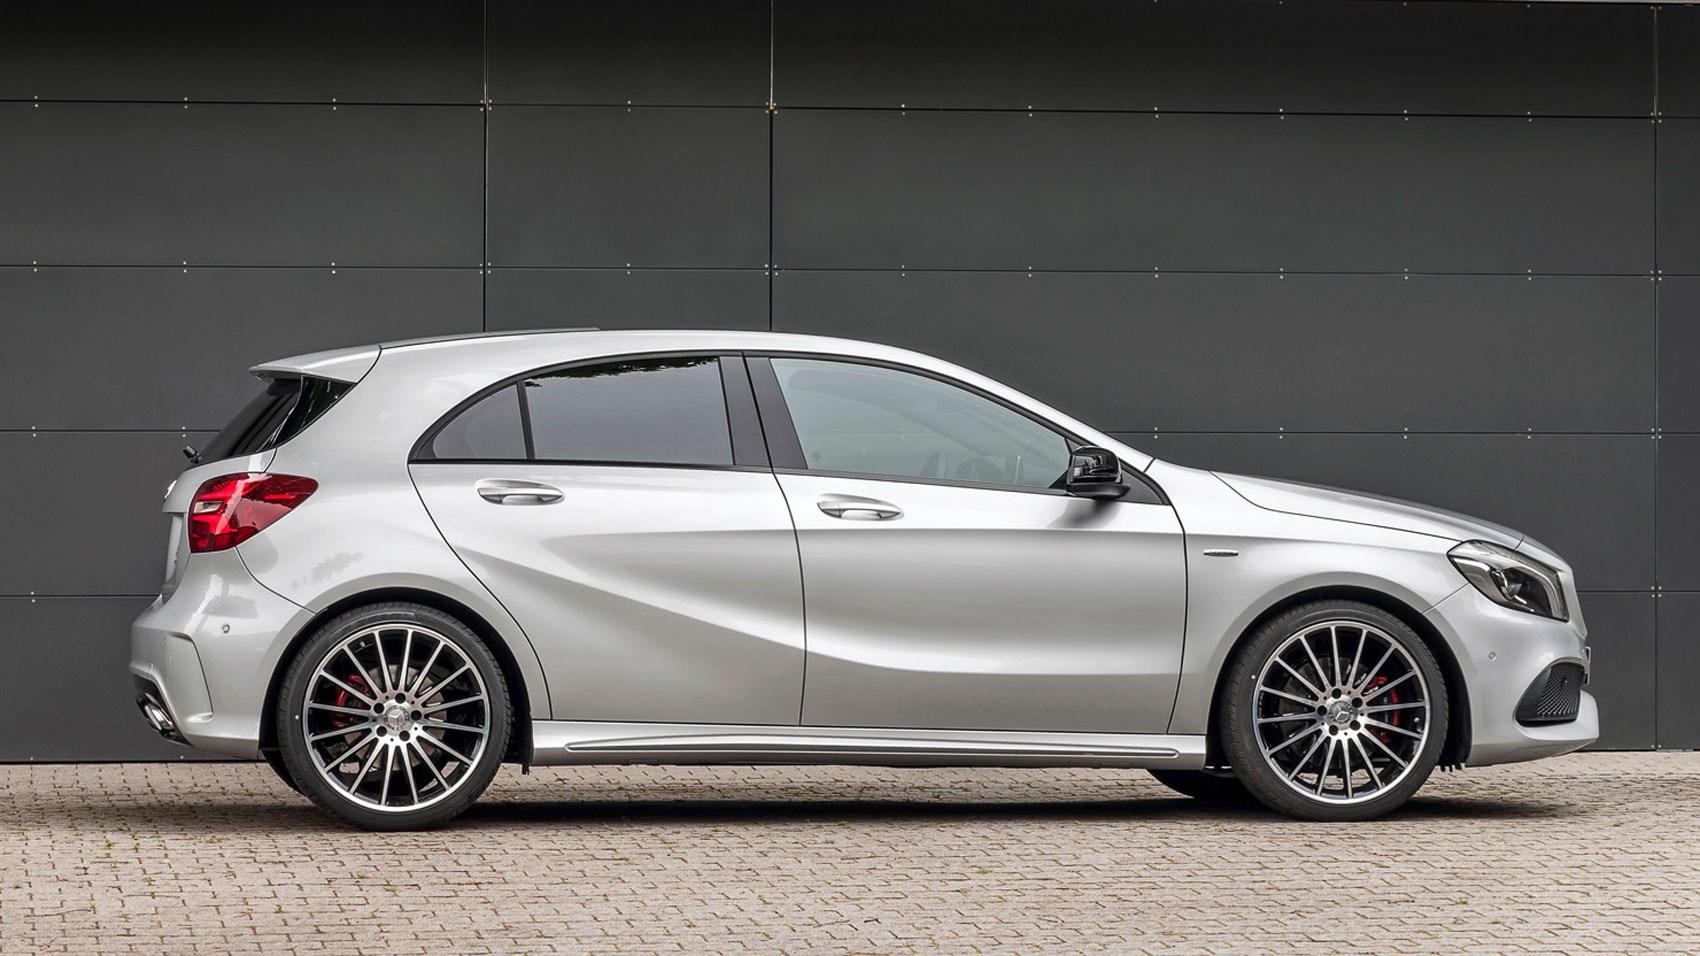 Bảo hiểm VCX ô tô cho xe ô tô Mercedes A250